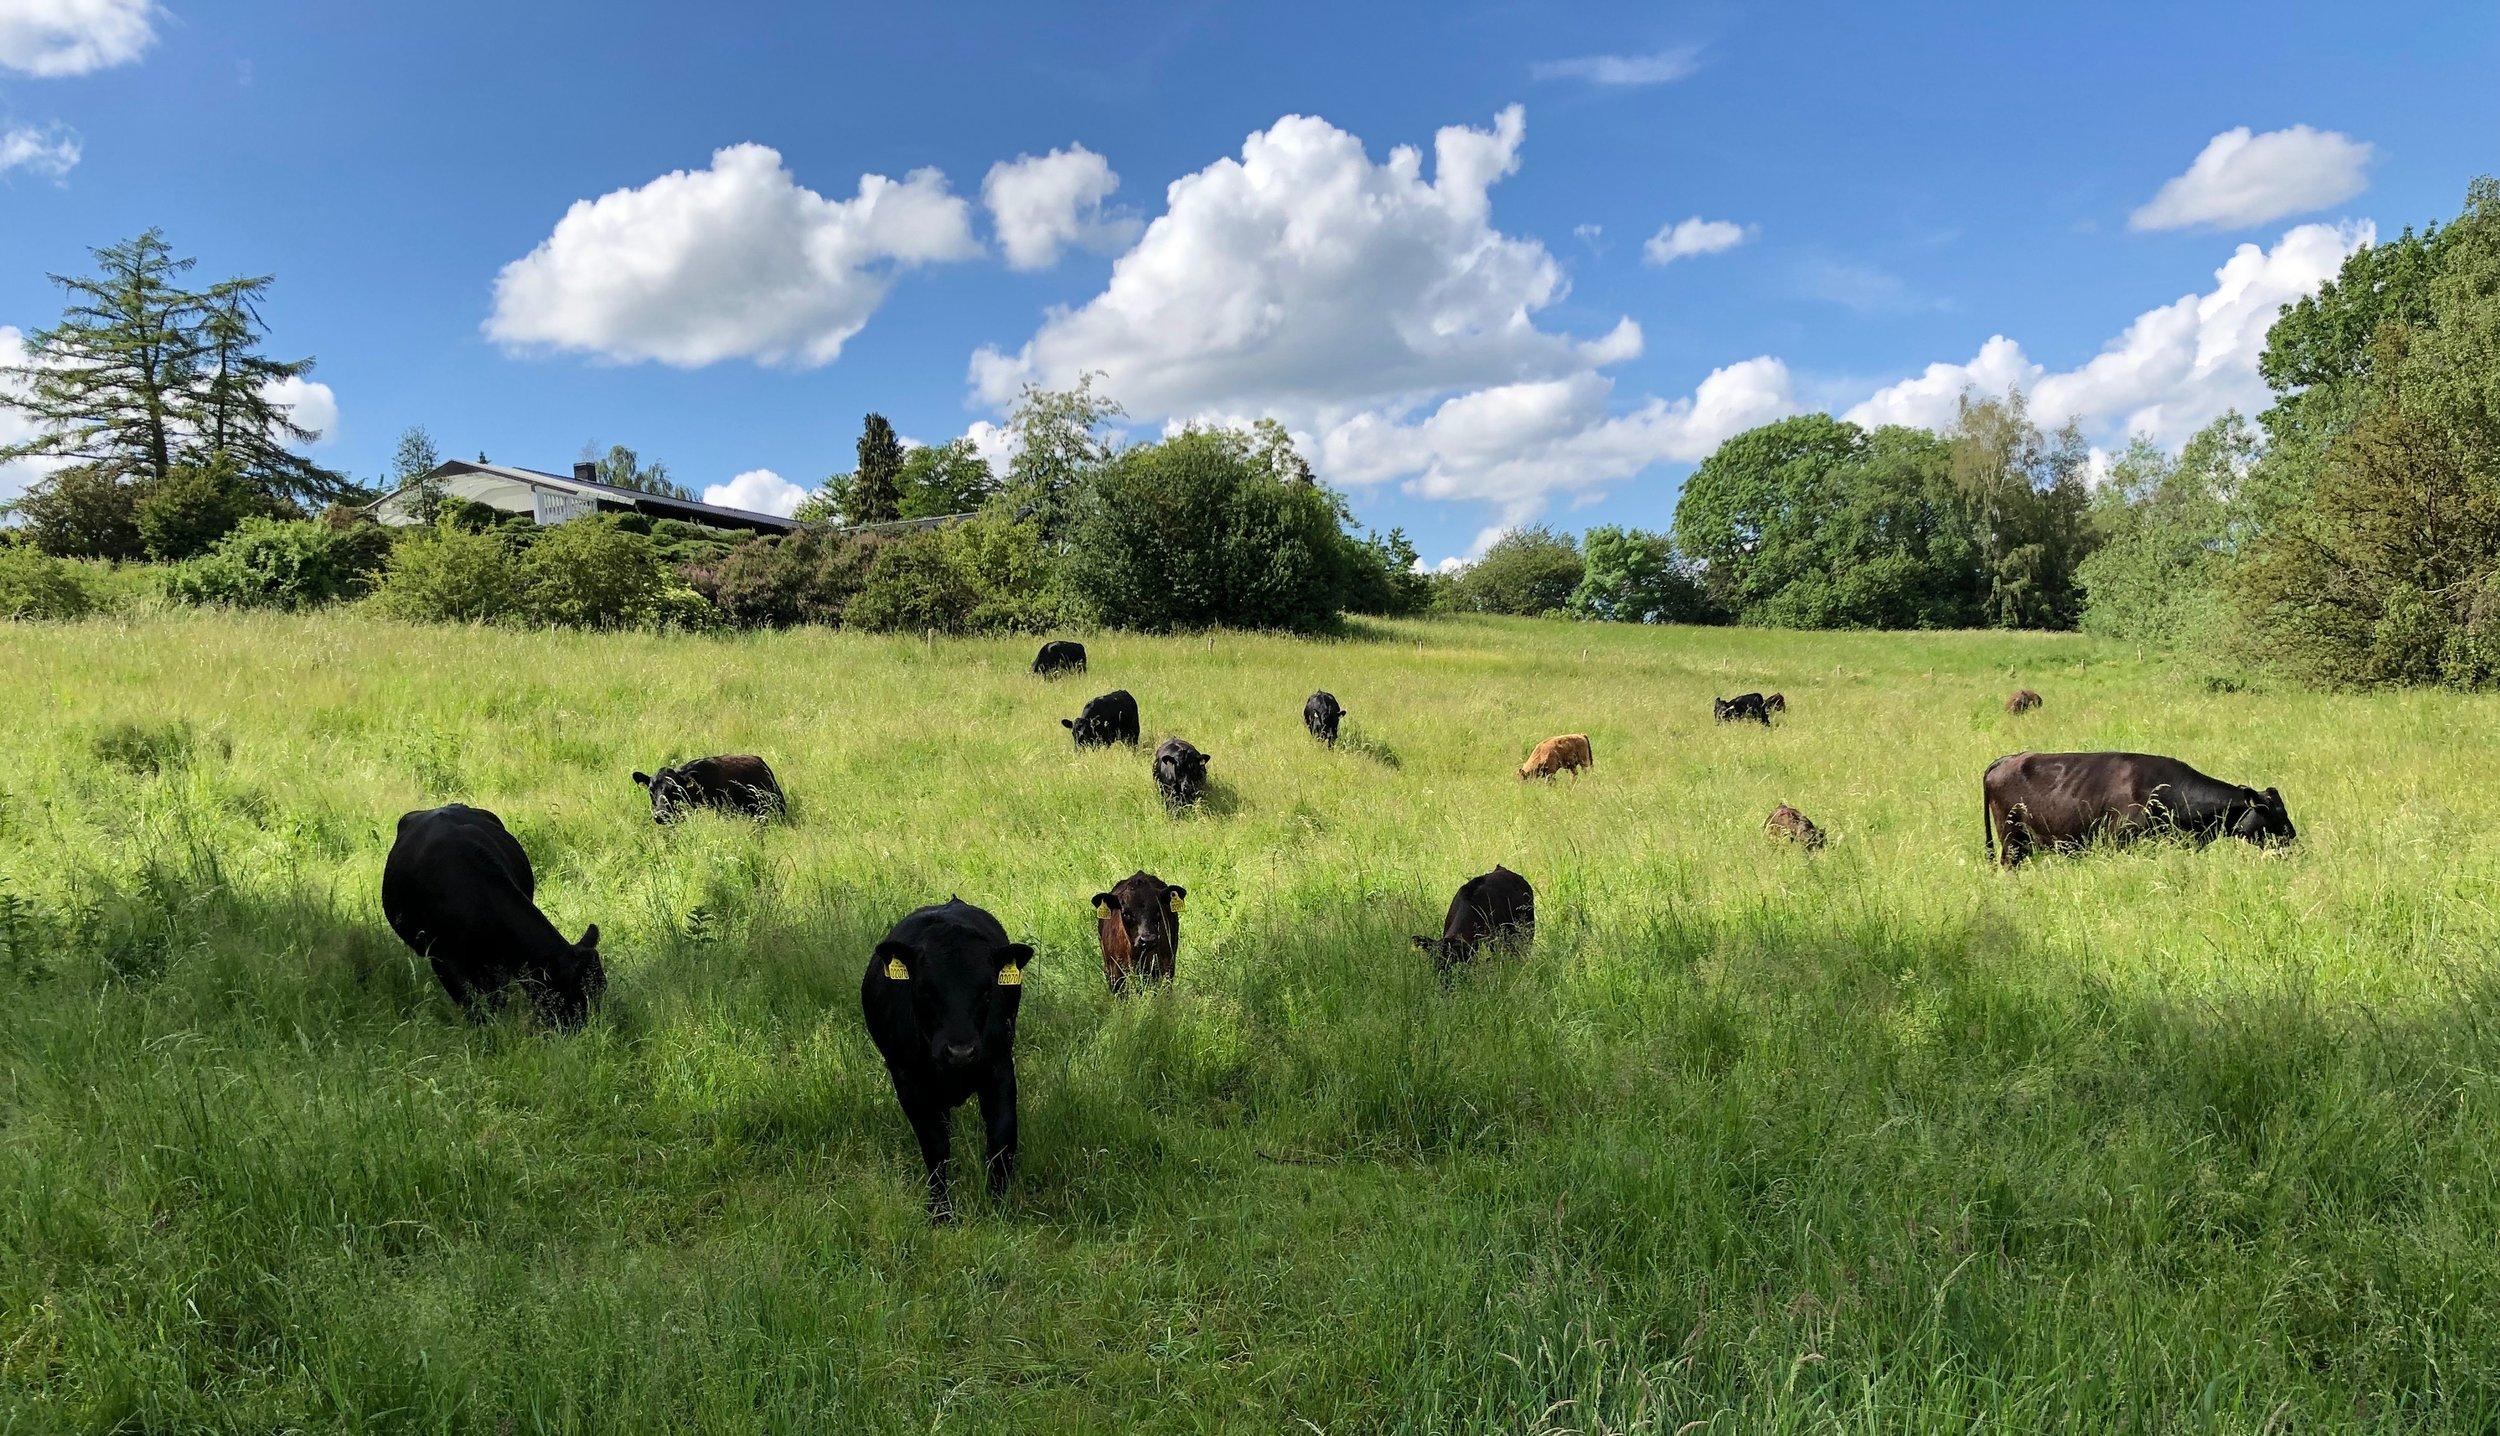 Prøv, at tæl efter! Der skulle gerne være 16 køer på billedet, men det kan være lidt svært at se , idet nogle af kalvene 'gemmer' sig bag de voksne køer. Foto: AOB